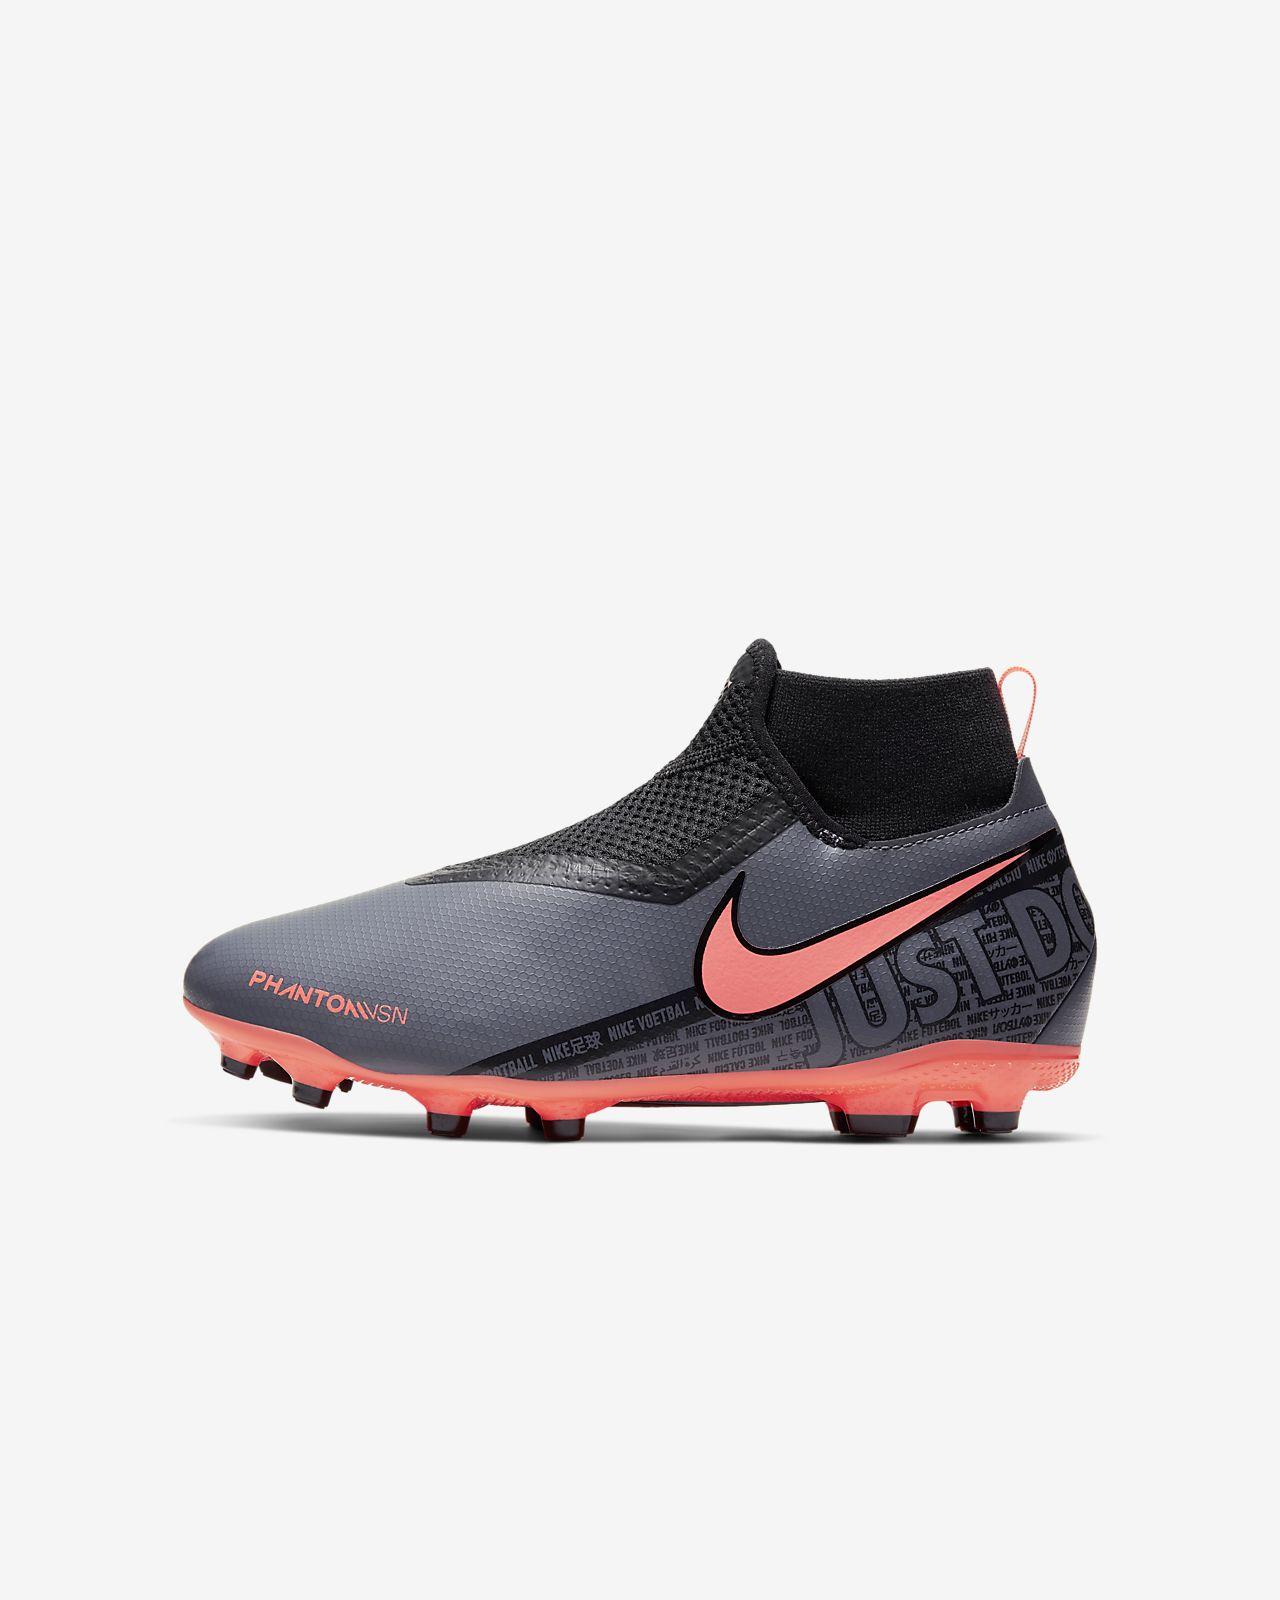 Nike Jr. Phantom Vision Academy Dynamic Fit MG Voetbalschoen voor kleuters/kids (meerdere ondergronden)